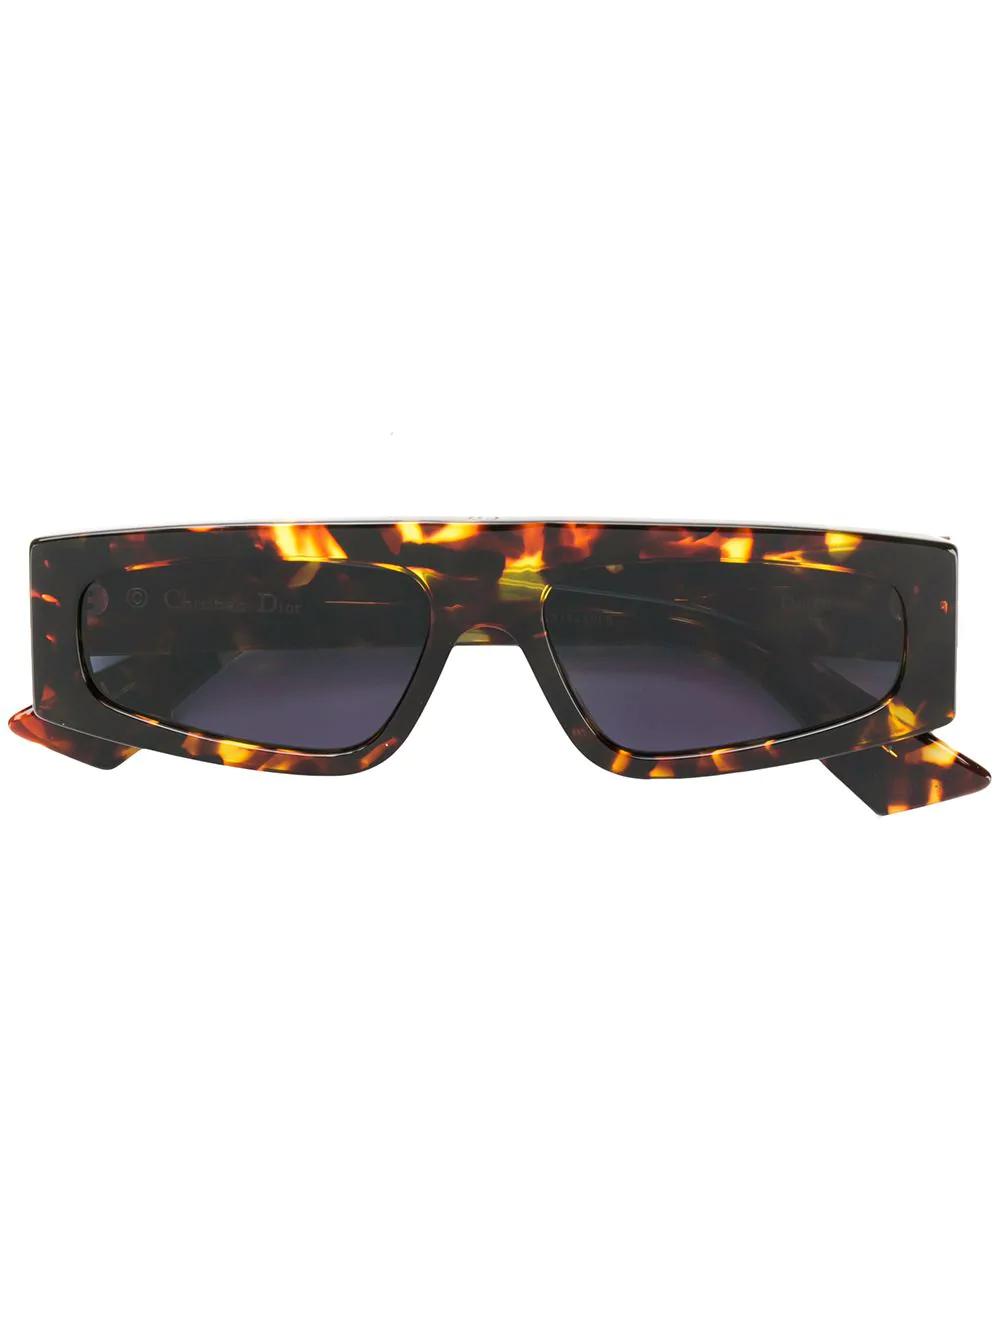 f8502bcf78ead Dior Eyewear Power Sunglasses - Brown